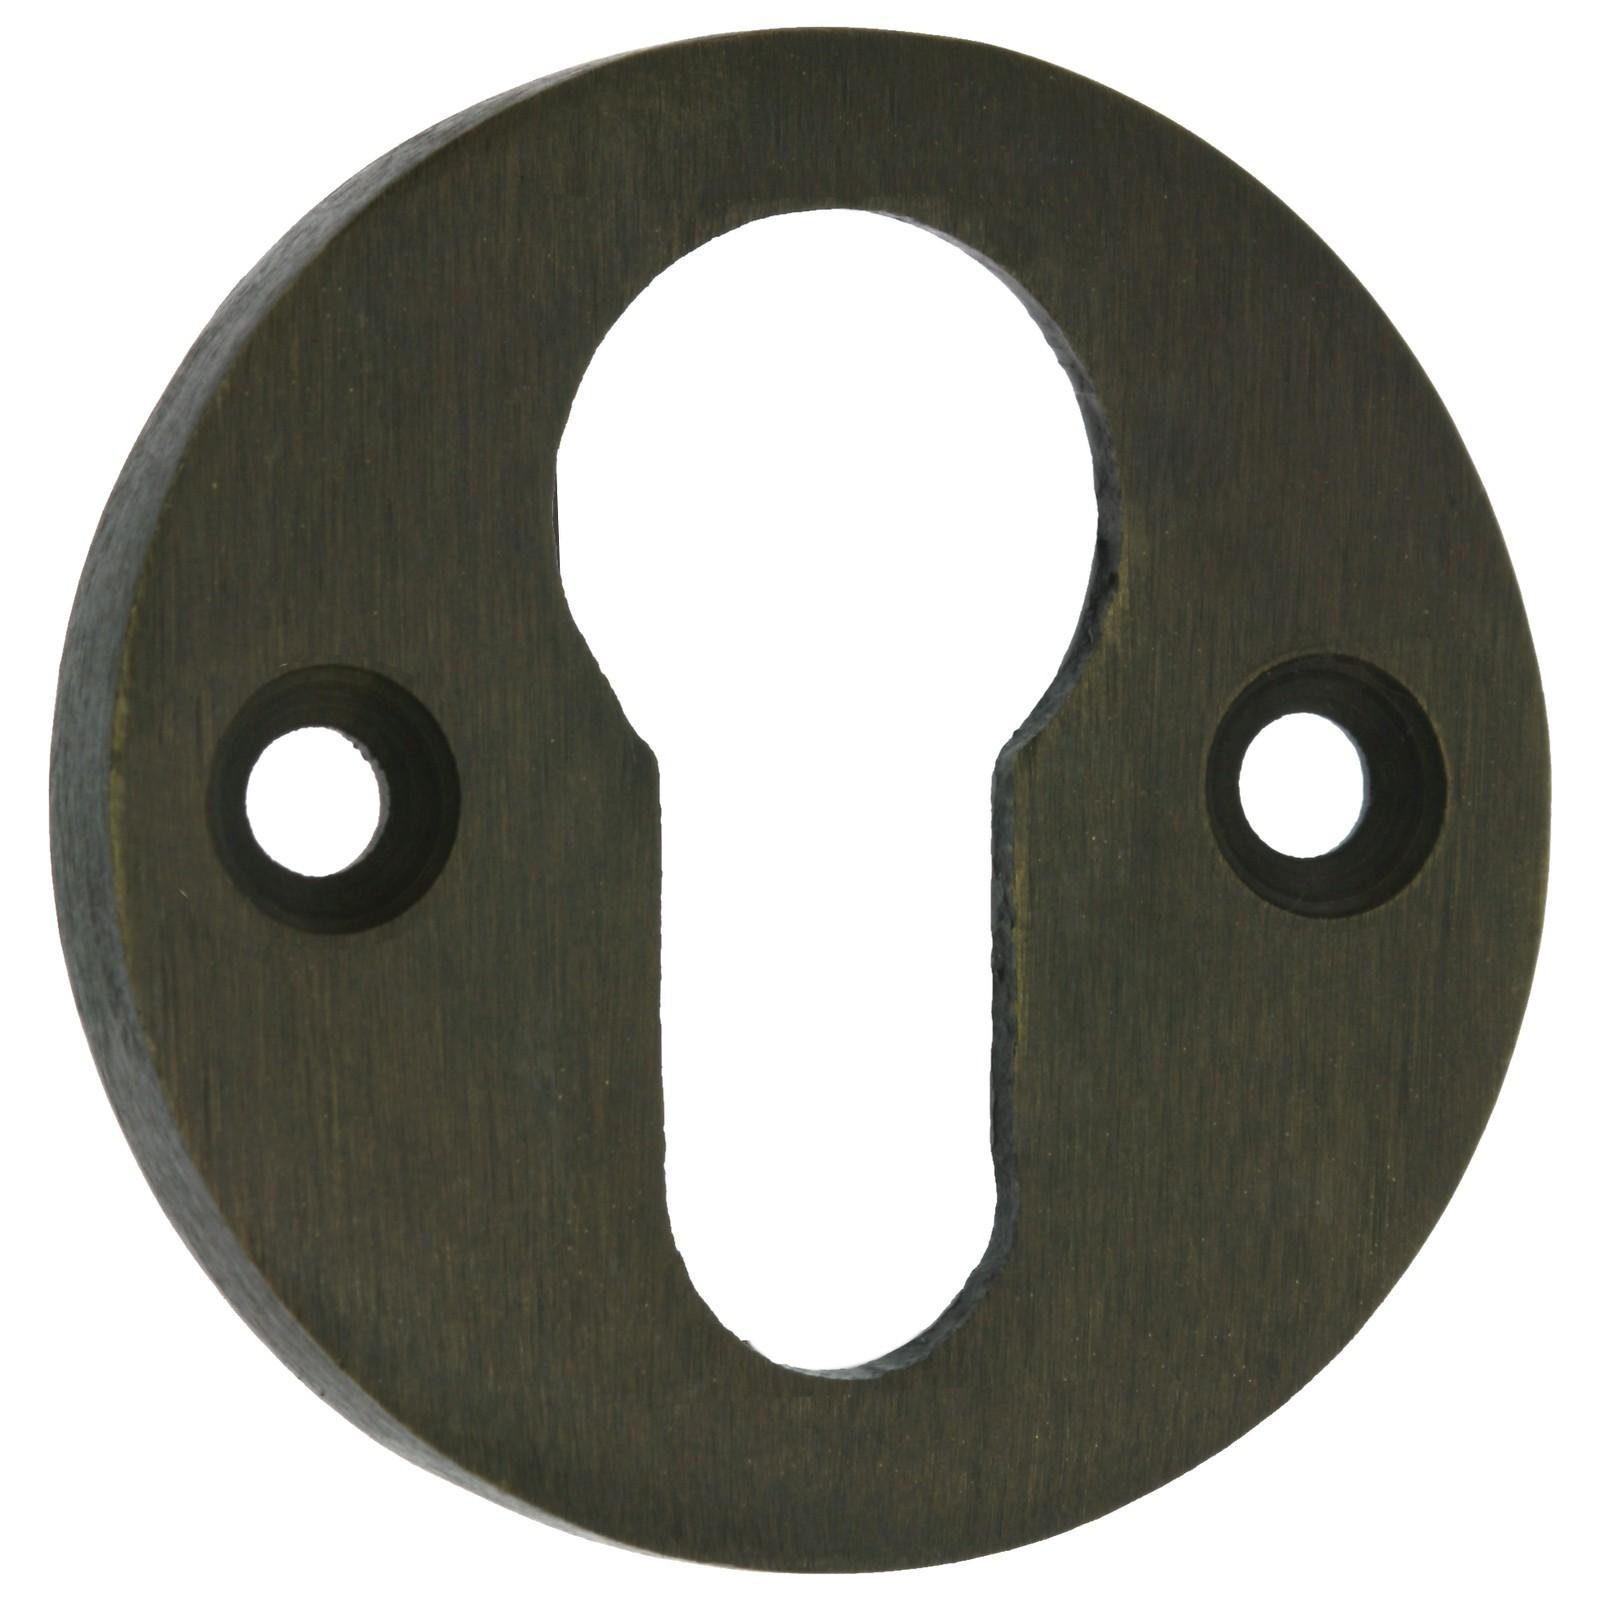 schl ssel profilzylinder rosette rund einzeln messing patiniert t ren beschlag. Black Bedroom Furniture Sets. Home Design Ideas